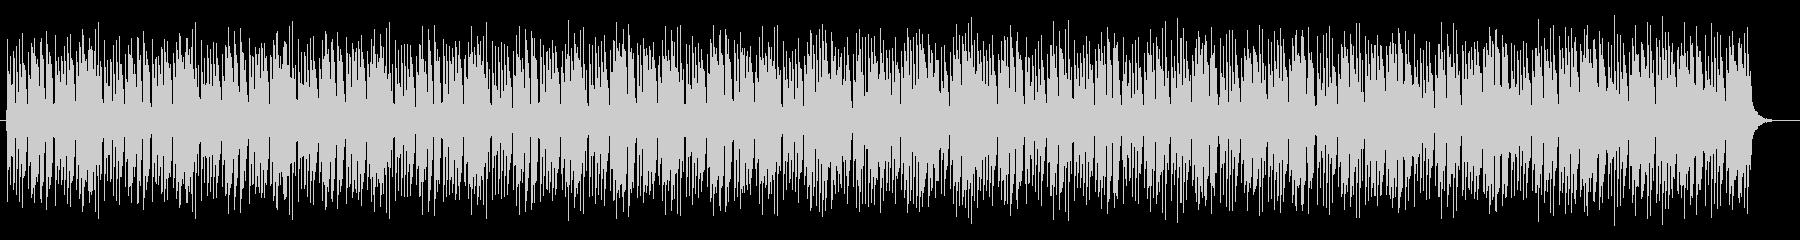 軽やかで奇麗なシンセサイザーサウンドの未再生の波形